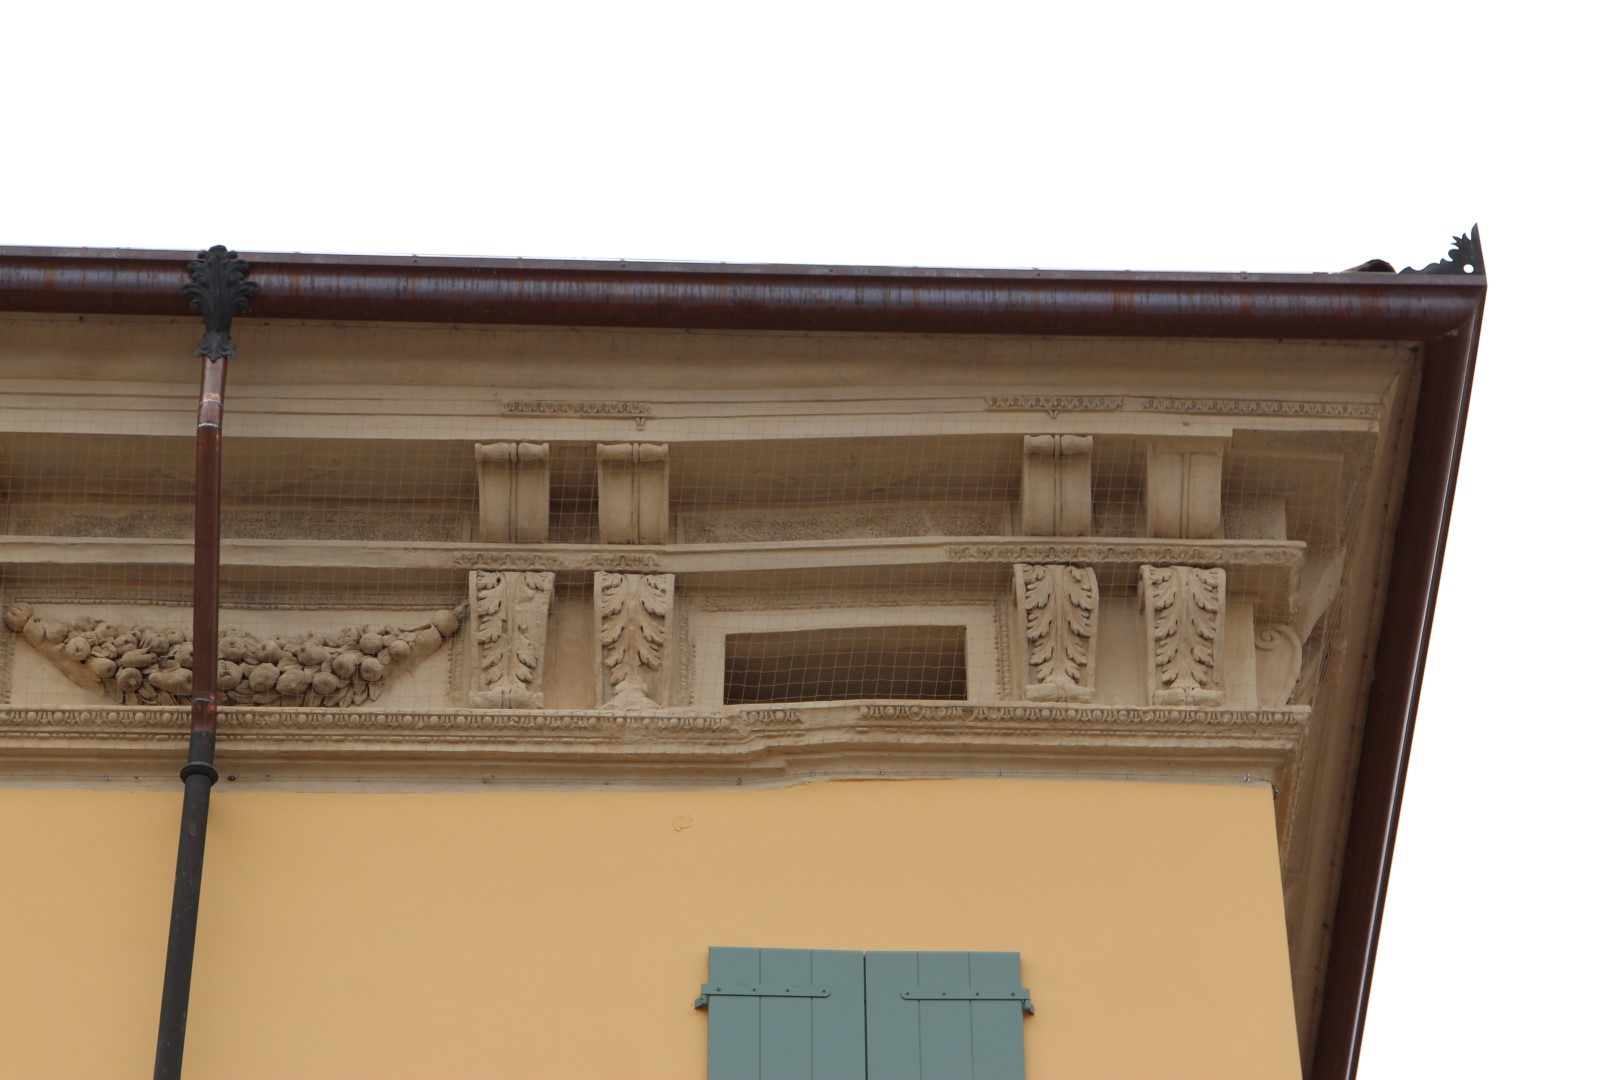 Riqualificazione energetica edificio - Sabbioneta